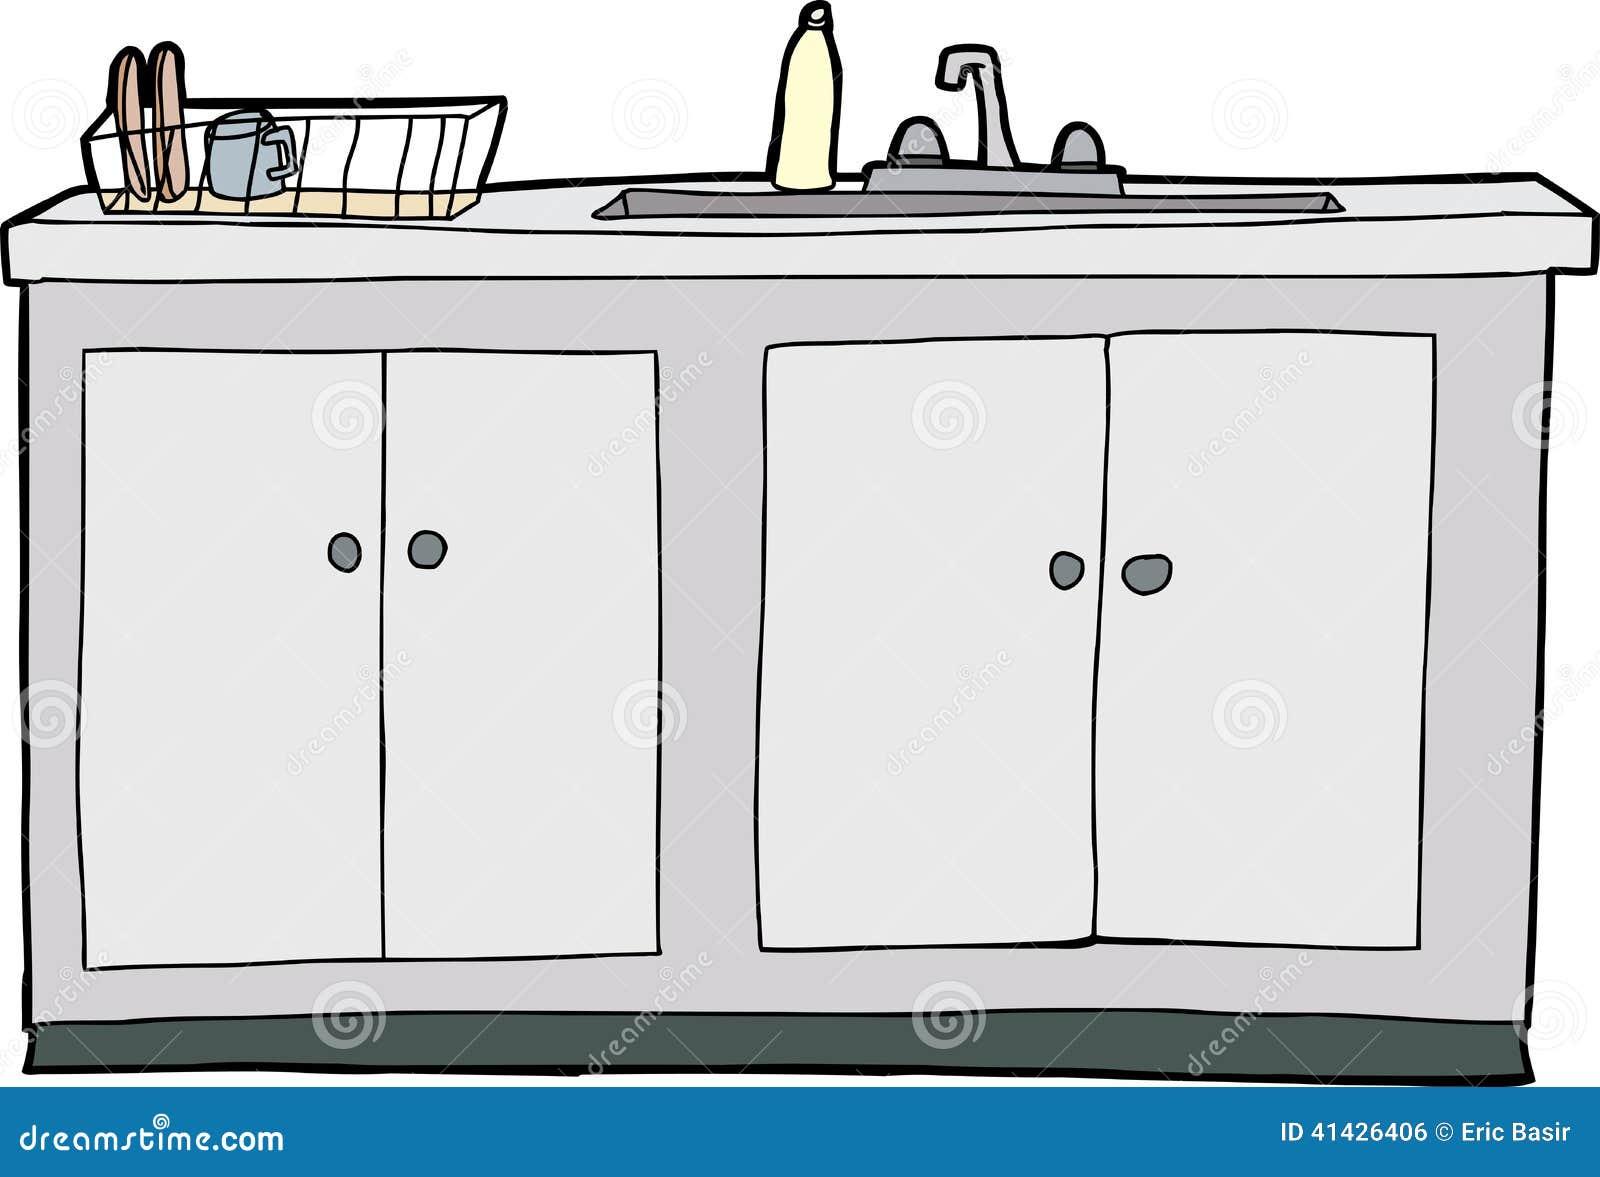 kitchen sink clipart